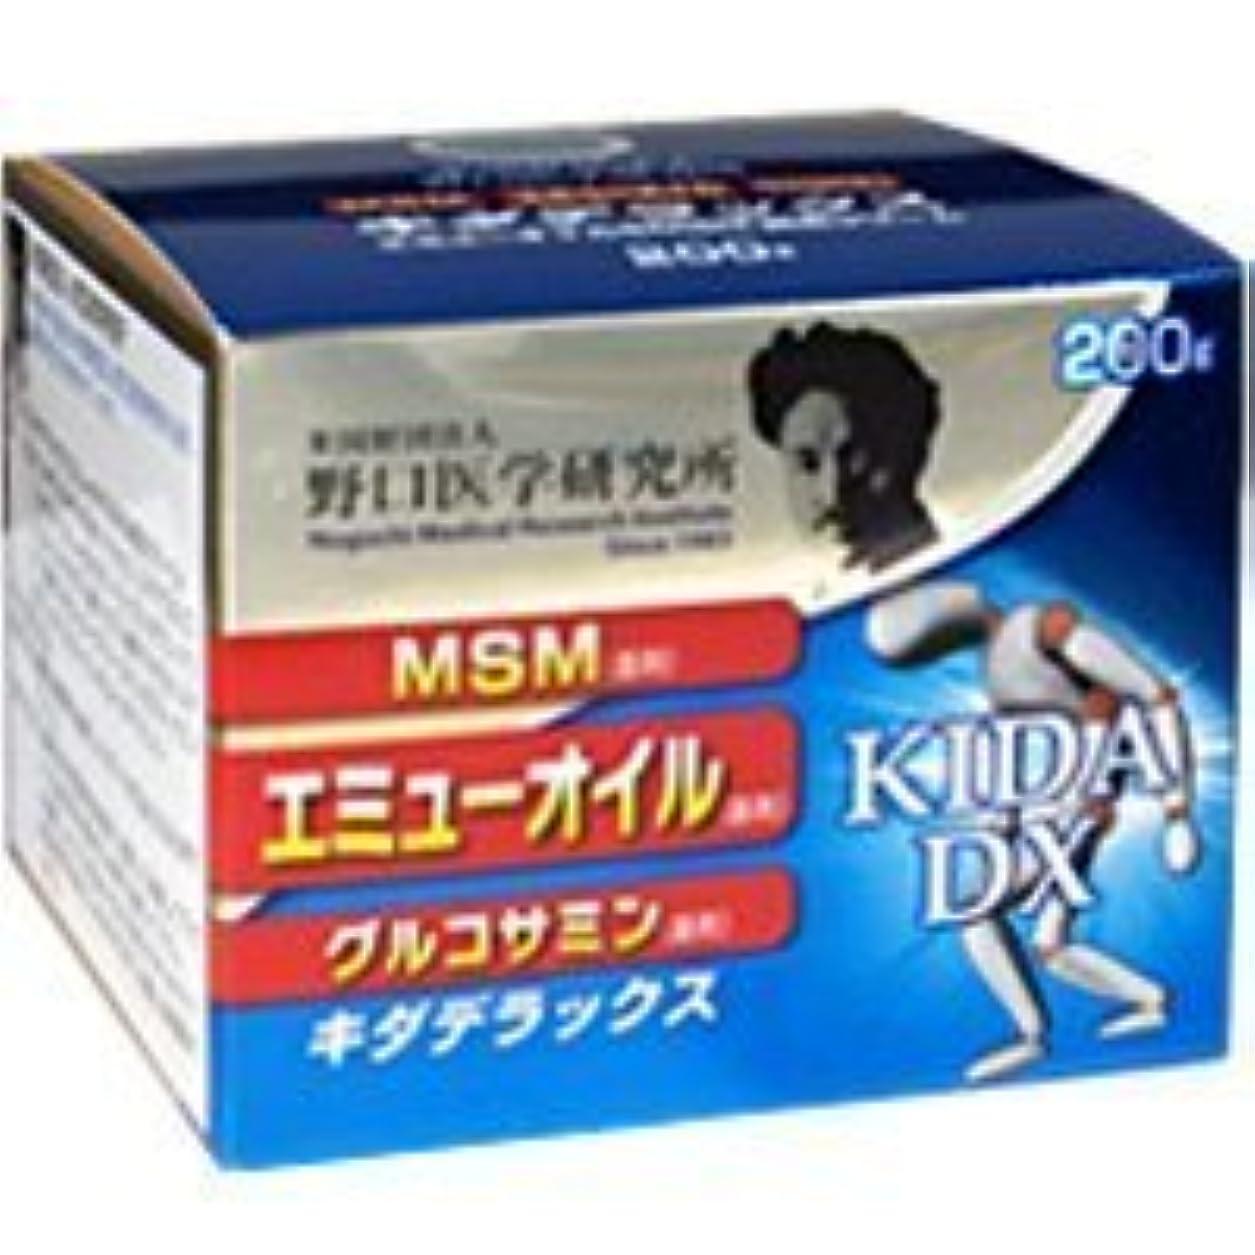 講師包帯ネクタイ野口医学研究所 キダデラックス 200g×3個